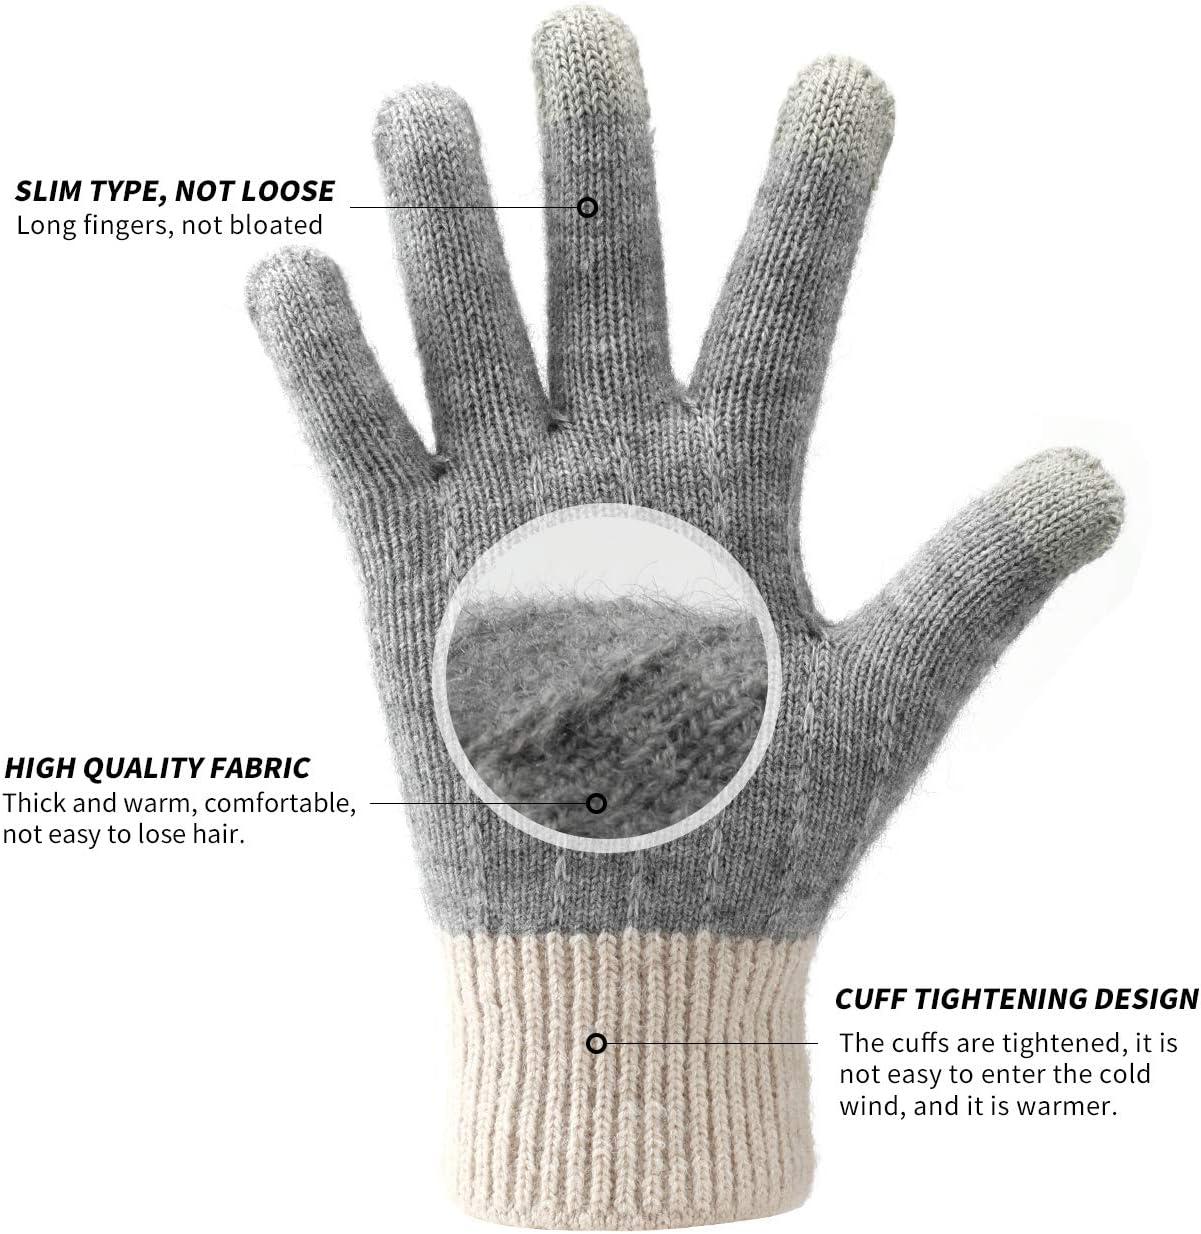 1 Paar chice Strick-Finger-Handschuhe Größe 7+9 schwarz+grau+beige Damen// Herren